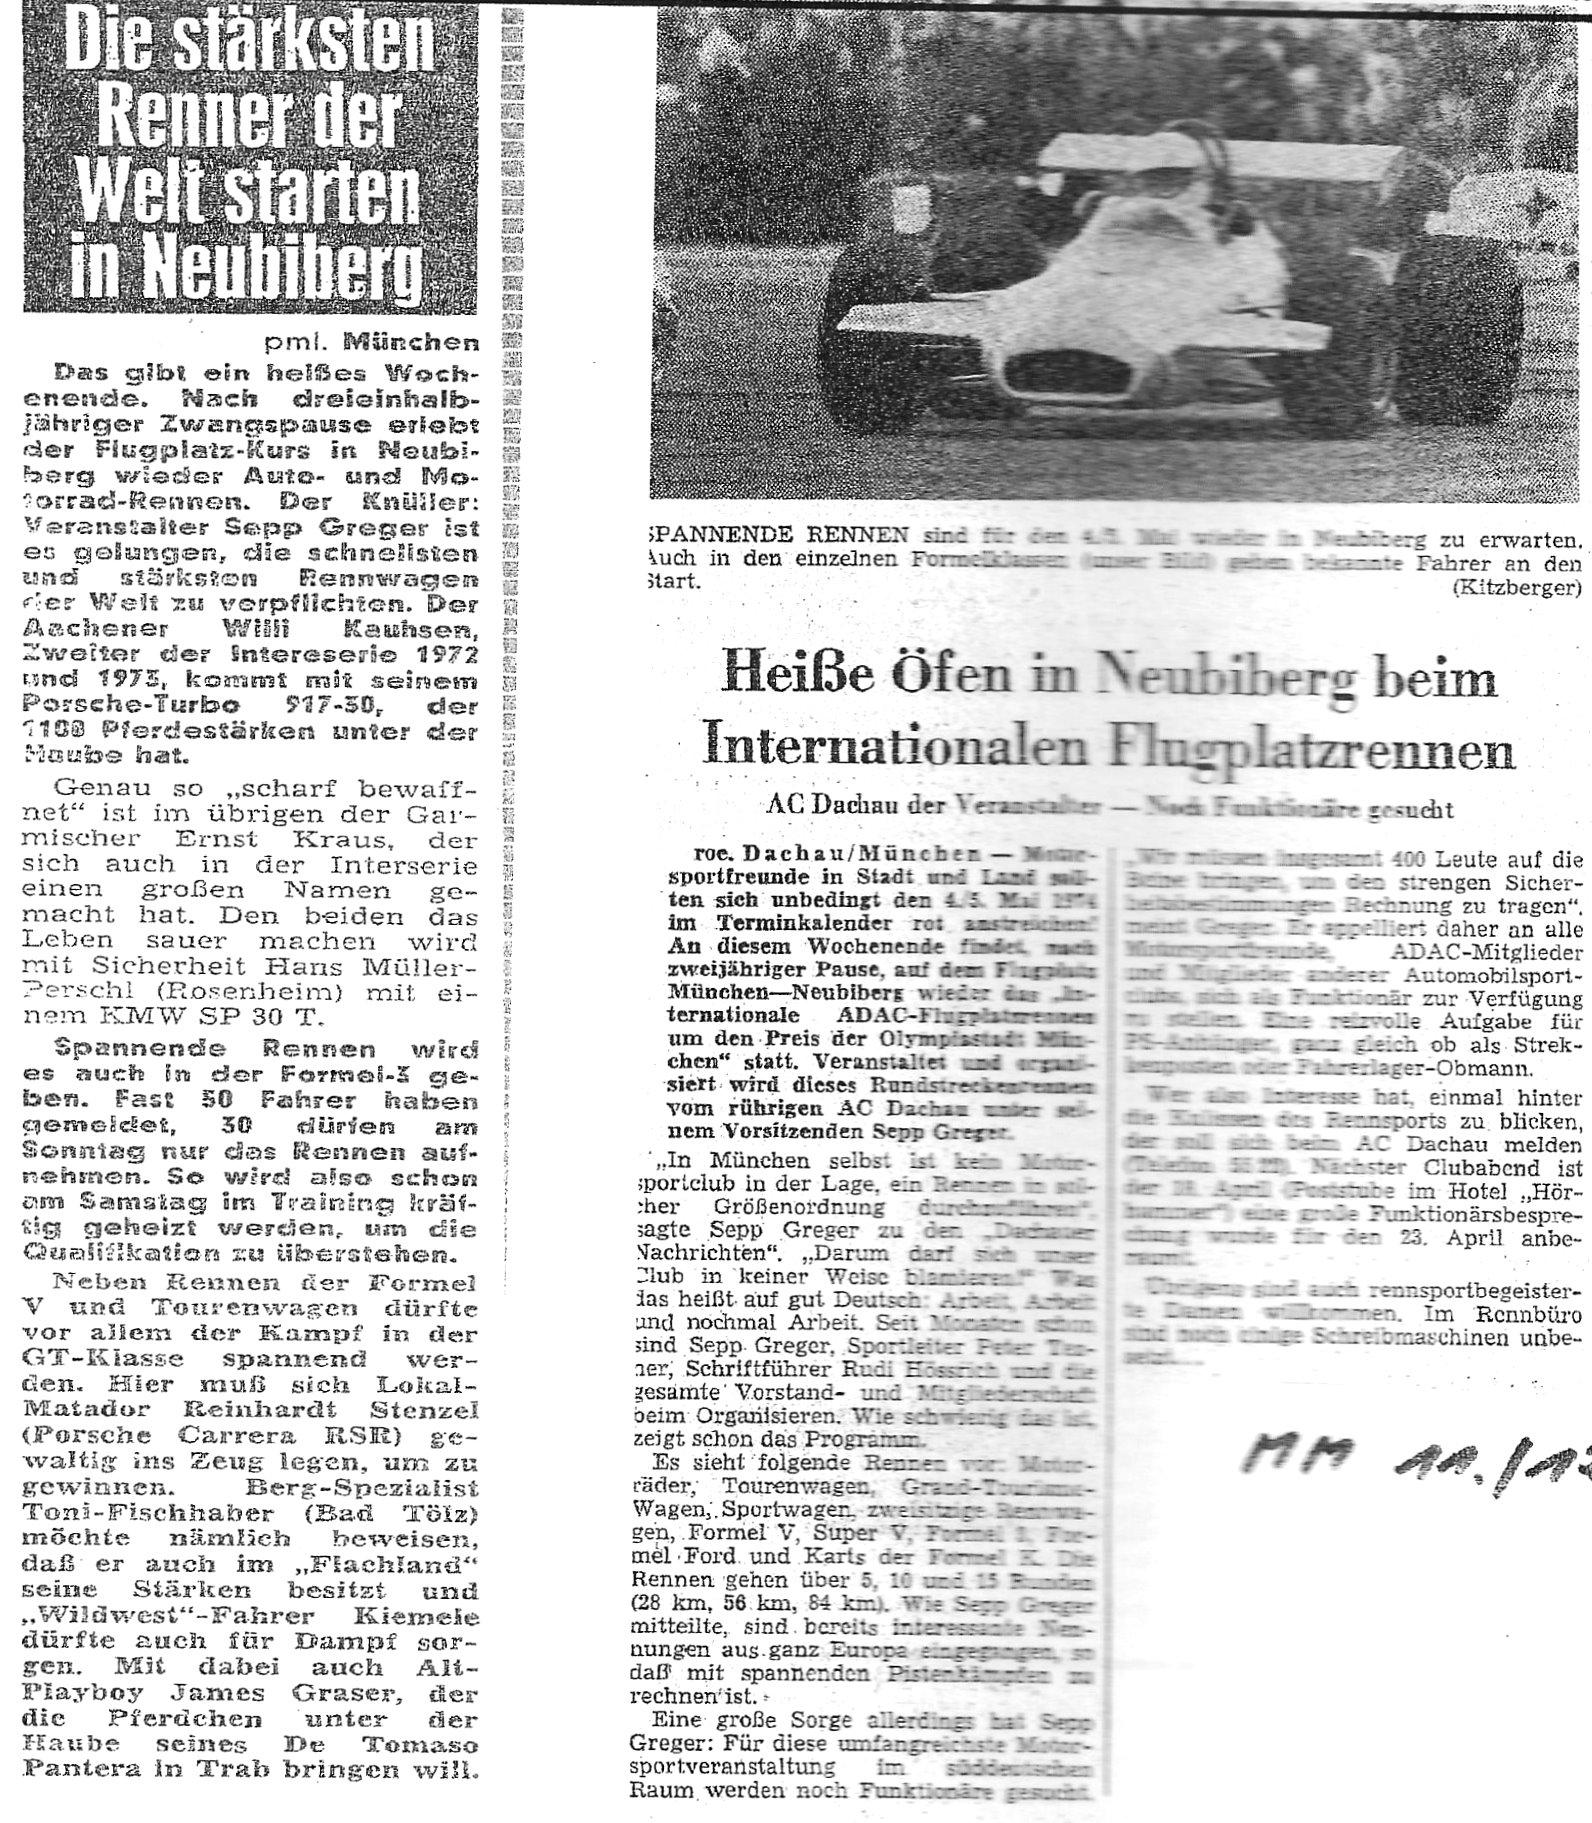 Zeitungsartikel Flugplatzrennen 1974